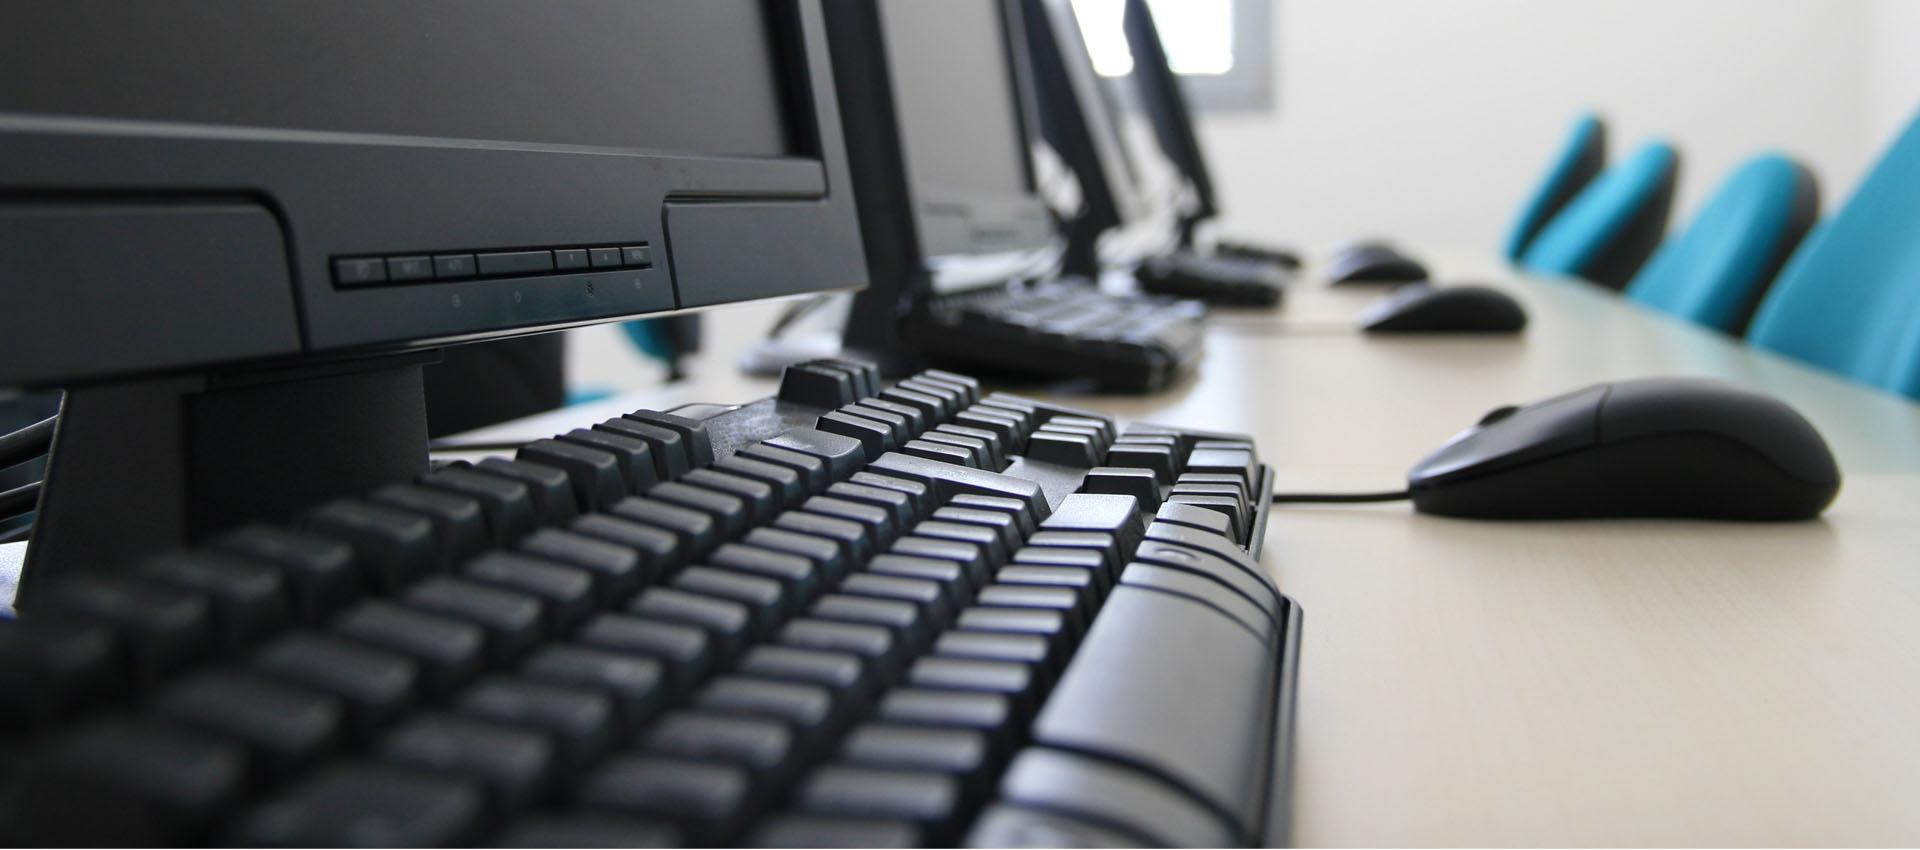 bilgisayar iç donanım birimleri